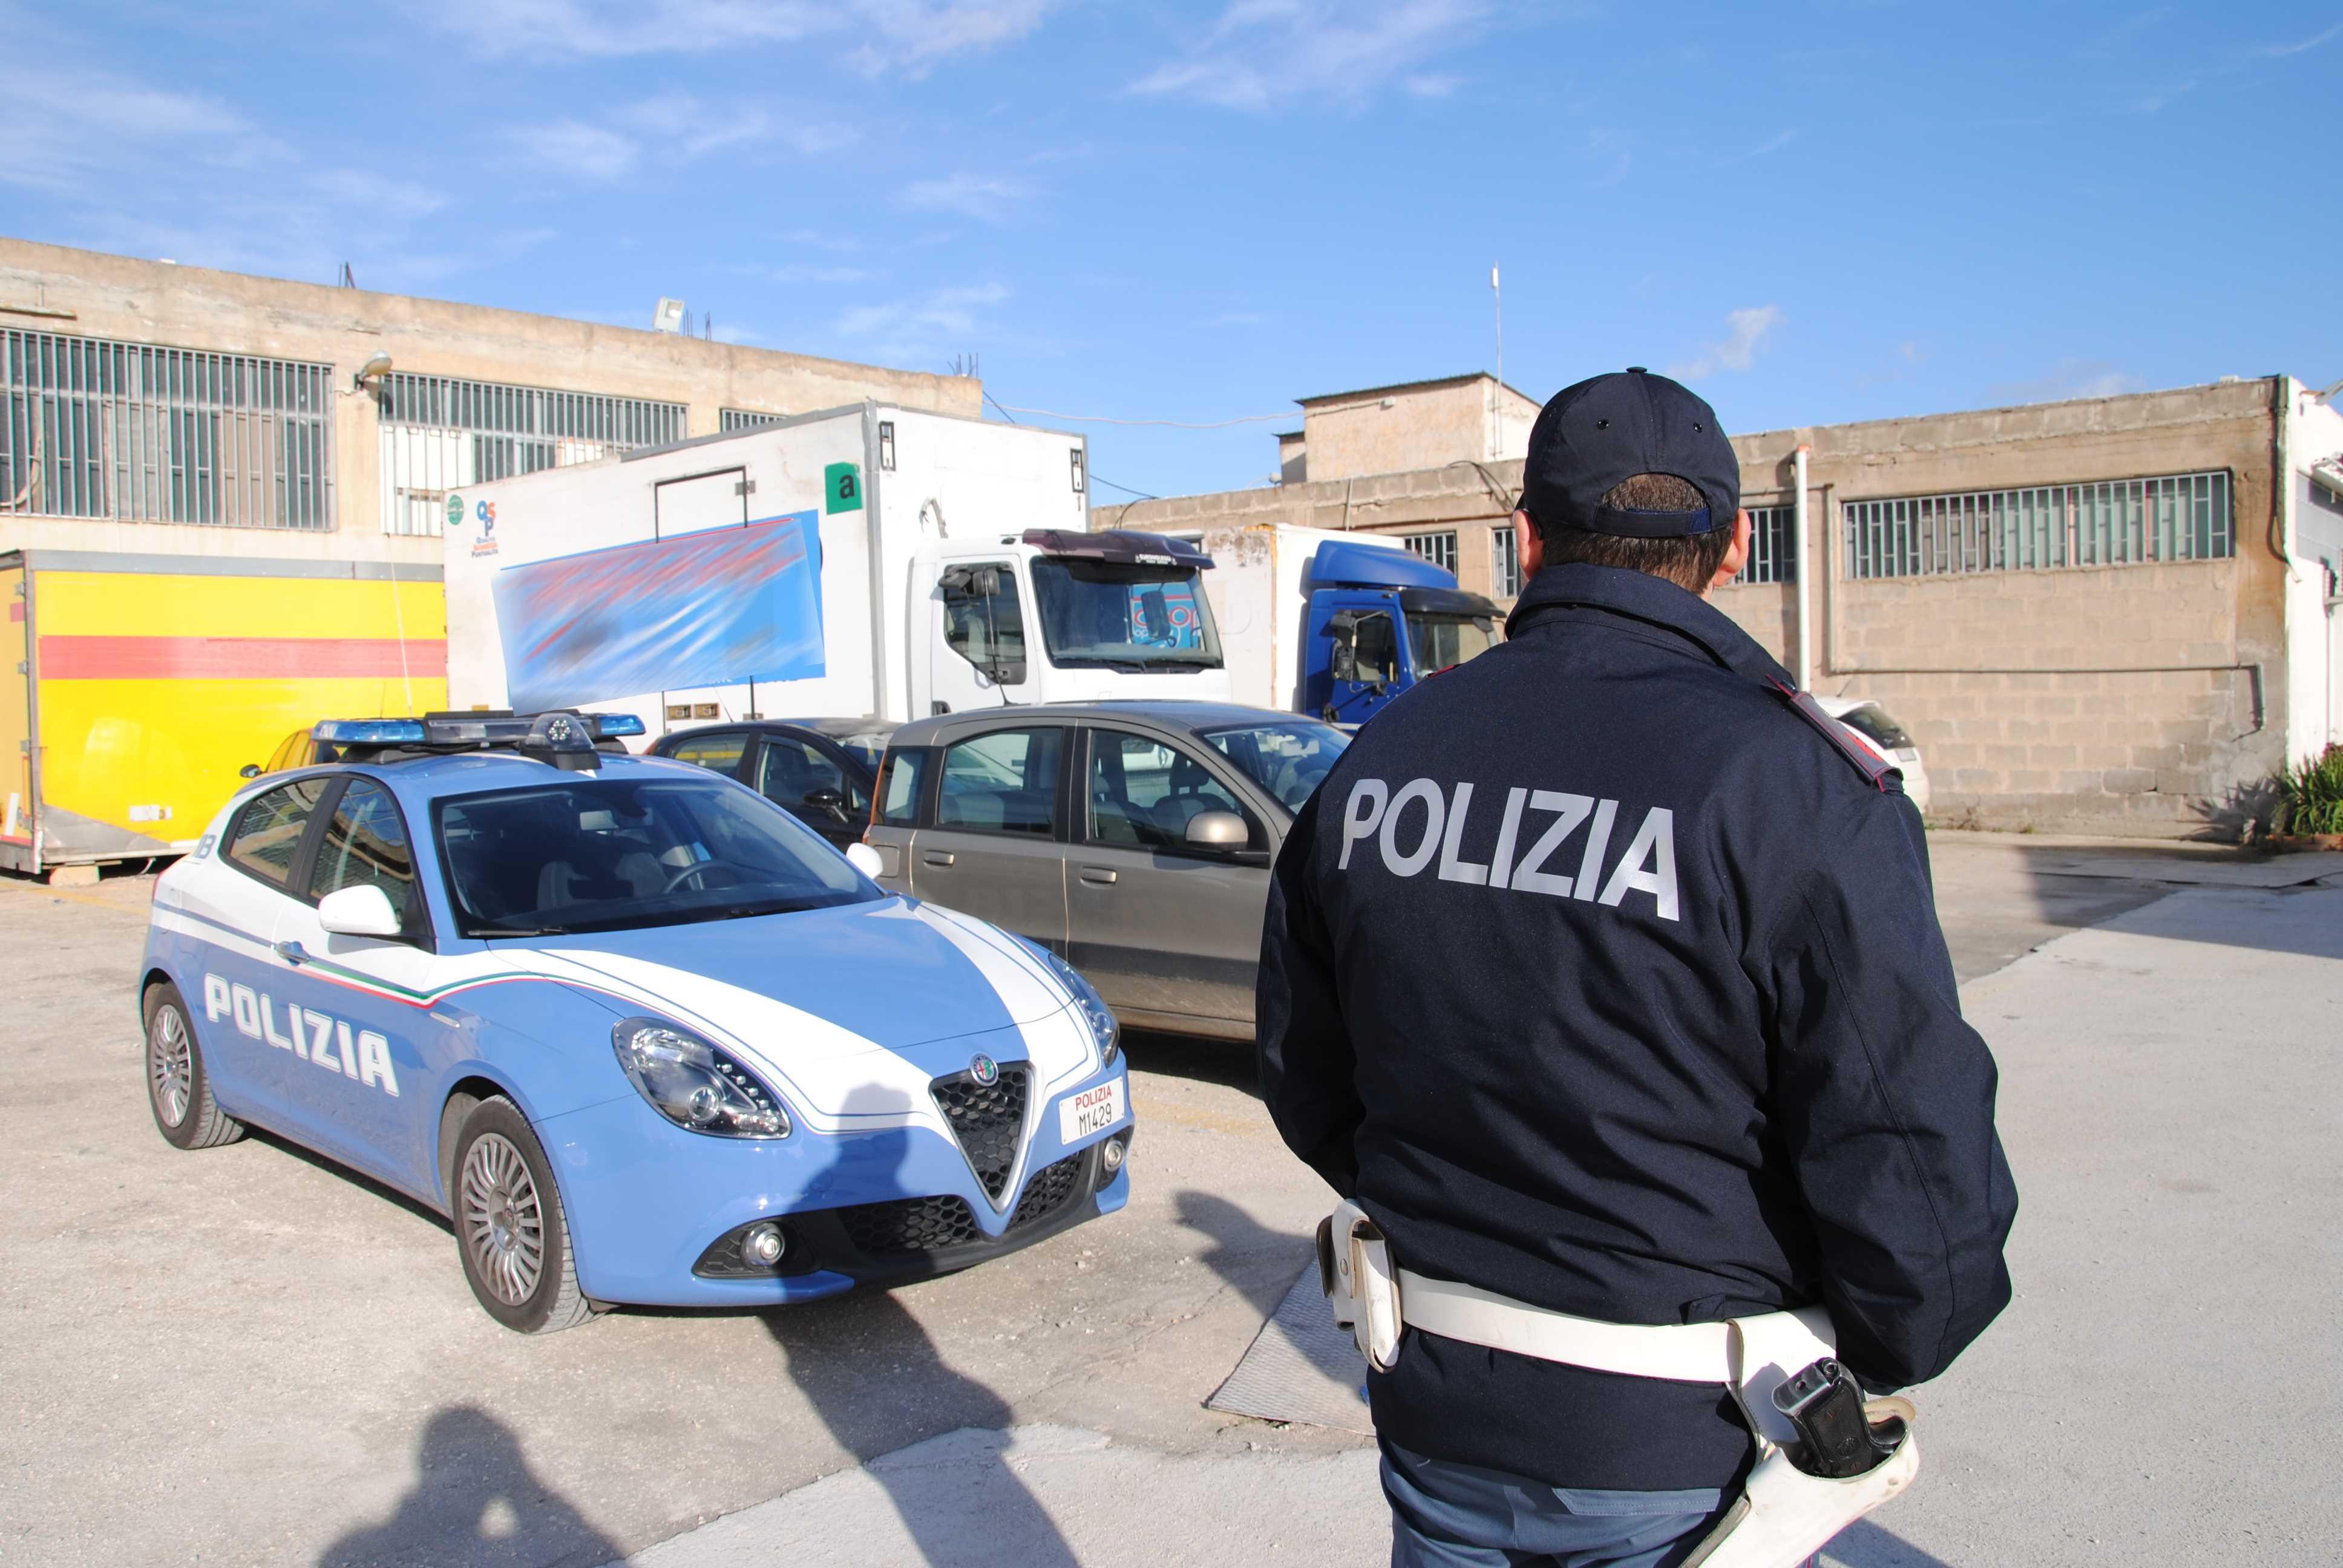 Droga e rapina, gli sequestrano centomila euro a Palermo